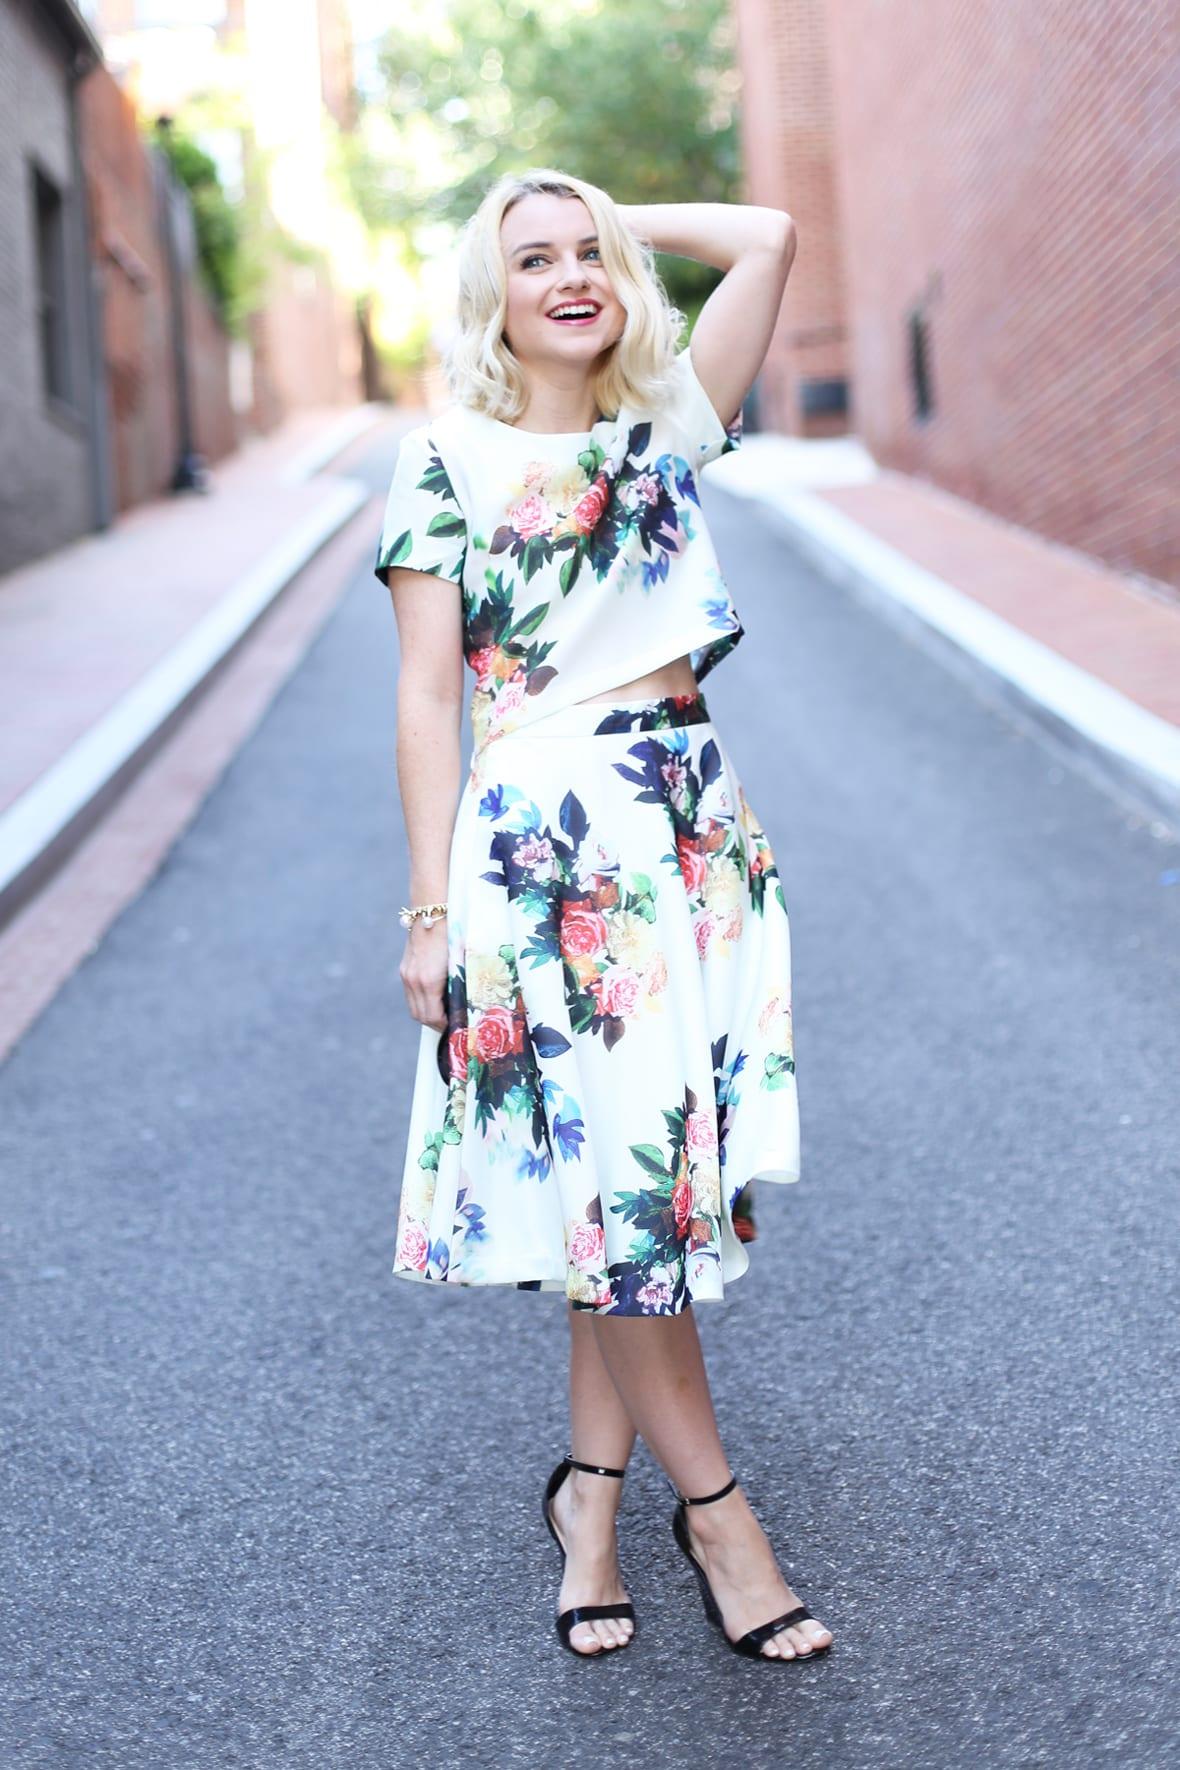 Poor Little It Girl - Floral Crop Top and Skirt Set - @poorlilitgirl